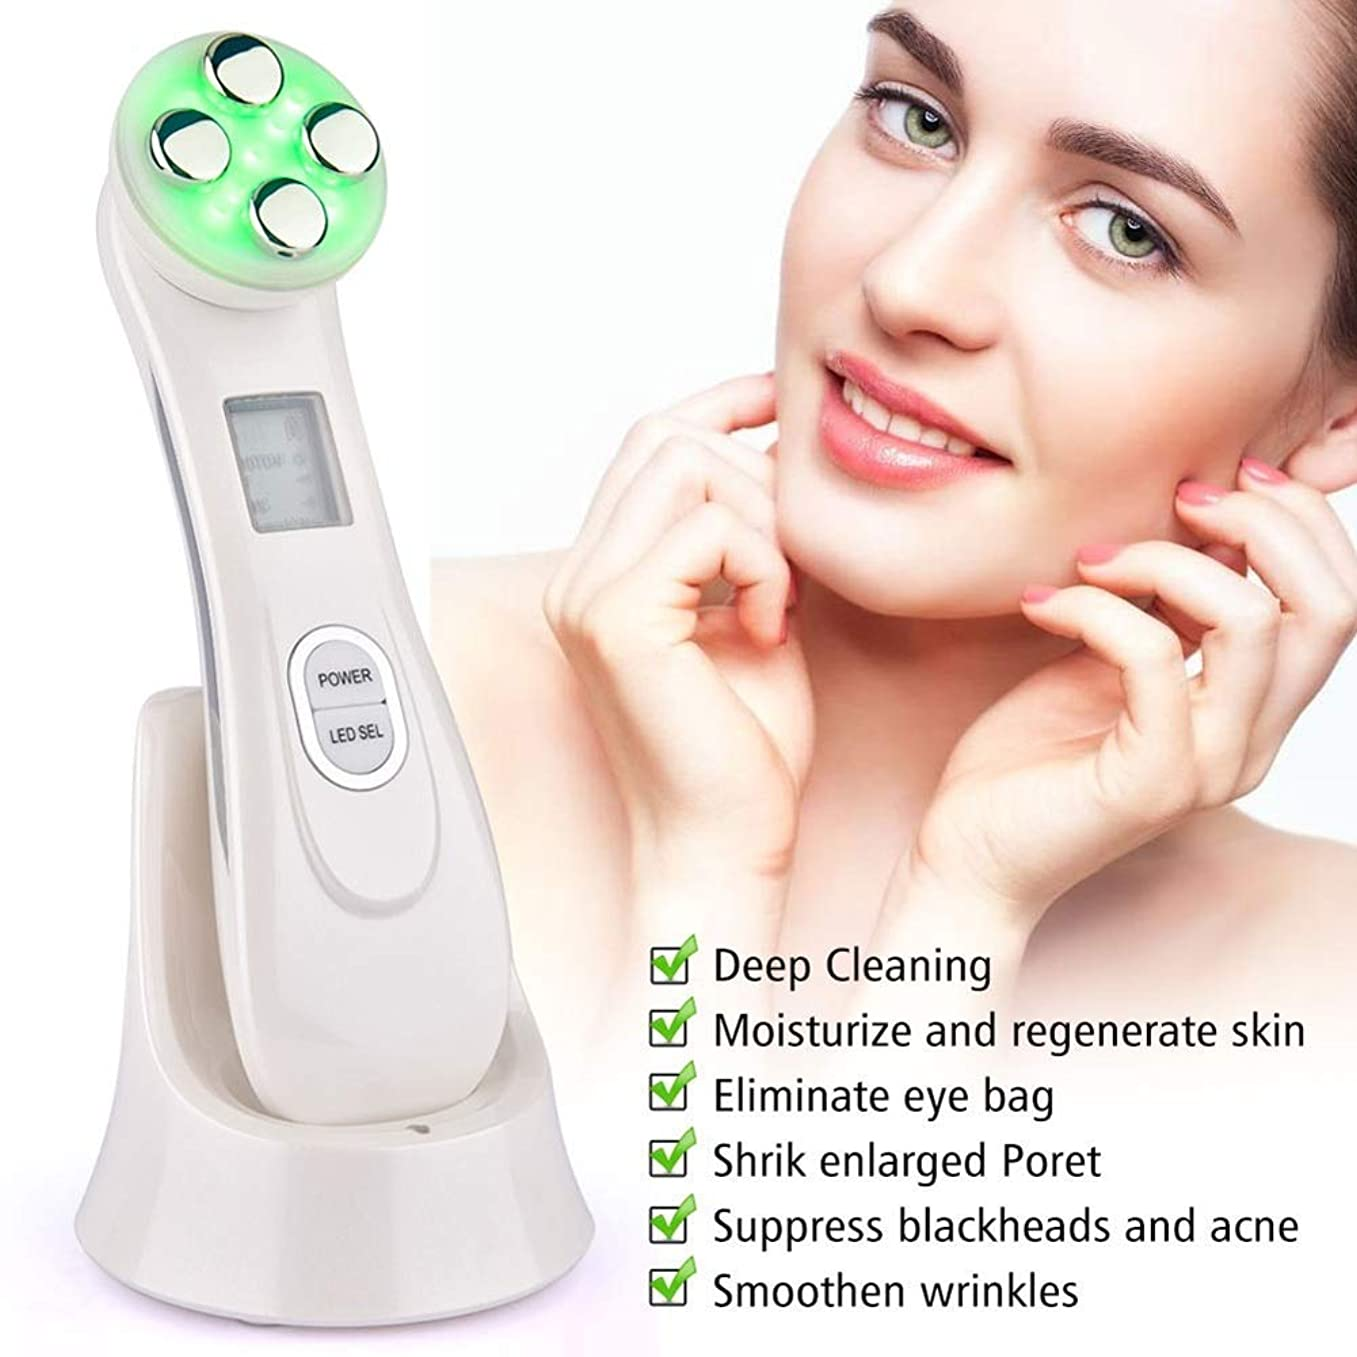 使用法書士先入観5に付き1つの美顔術の美肌/ EMS/RFの美顔術の光子のスキンケア装置の表面持ち上がることは美のマッサージ機械をきつく締めます